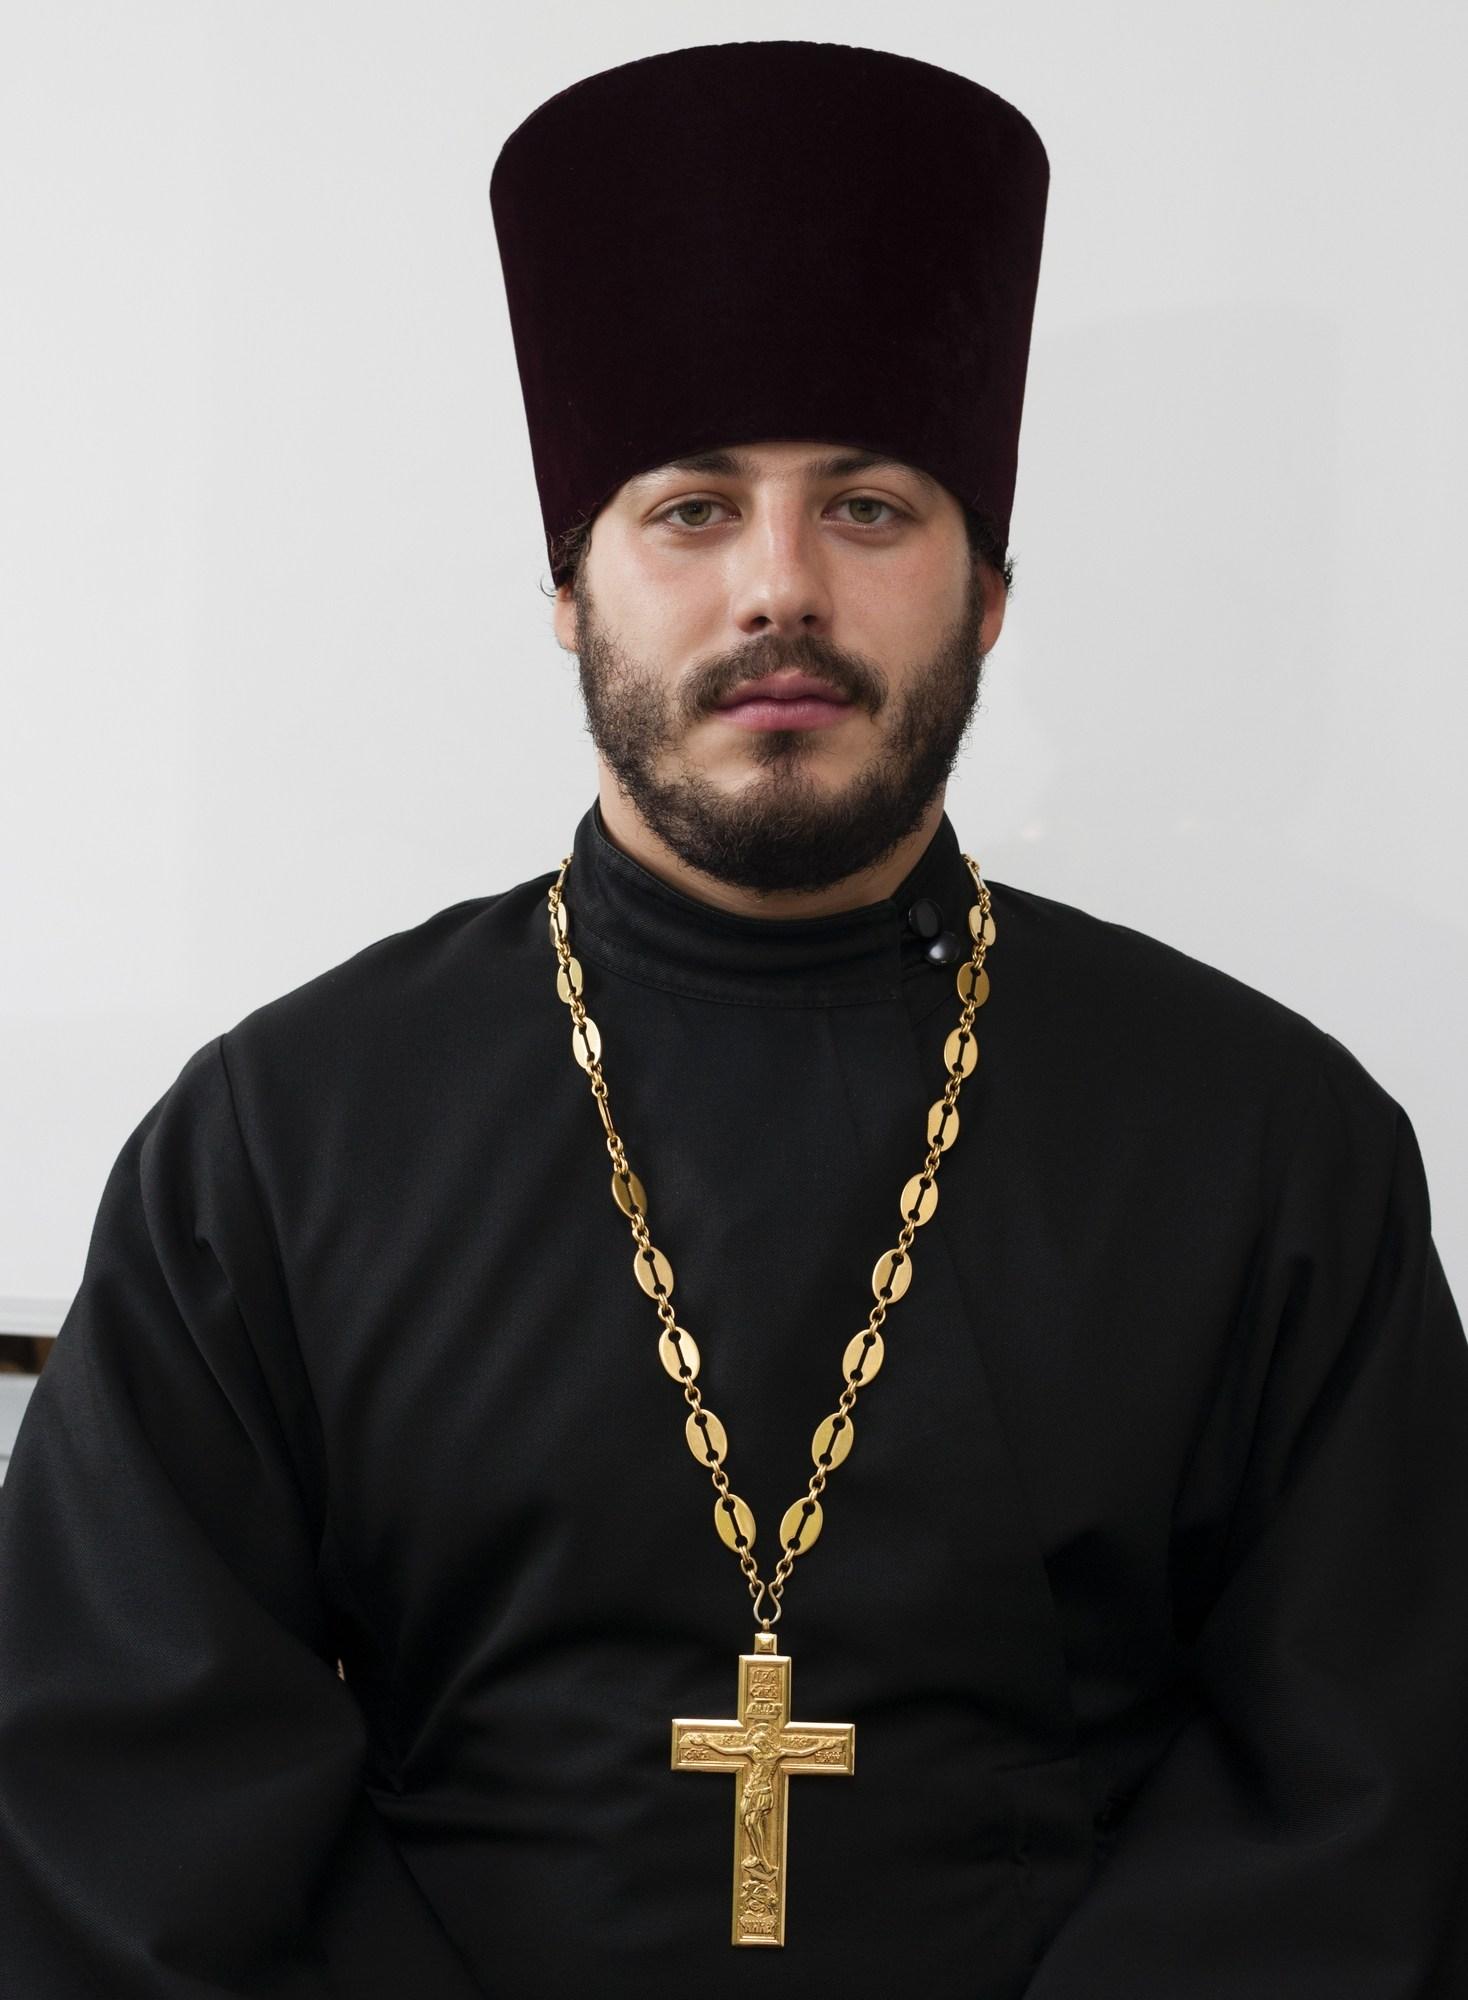 Священник Иоанн Николаевич Качанкин